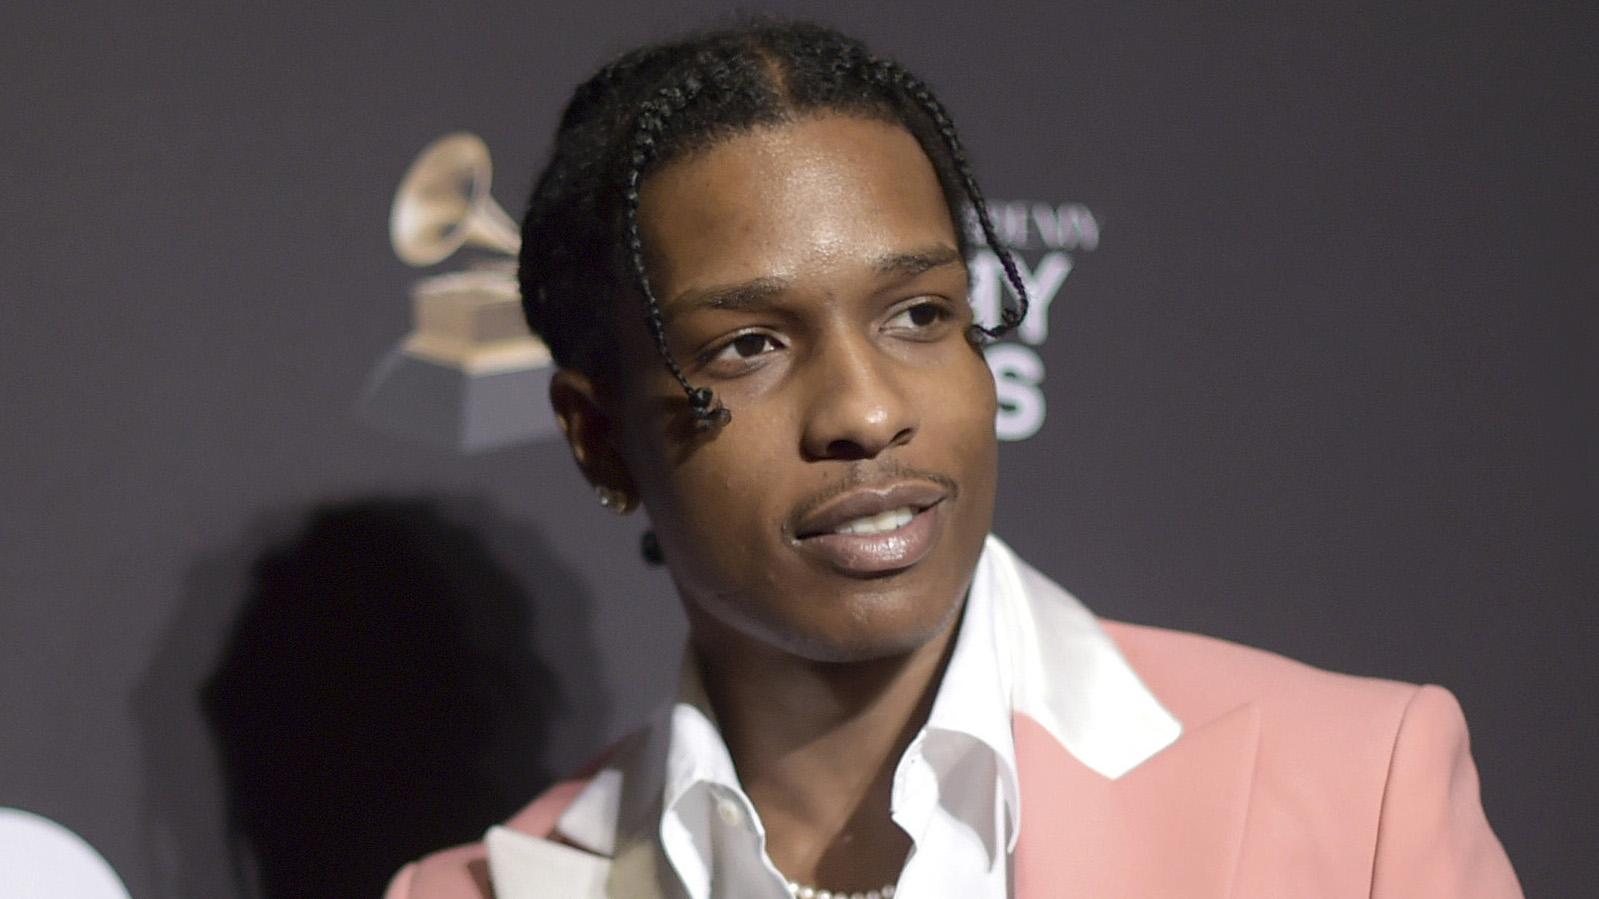 Empieza el juicio de A$AP Rocky, el rapero americano encarcelado en Suecia